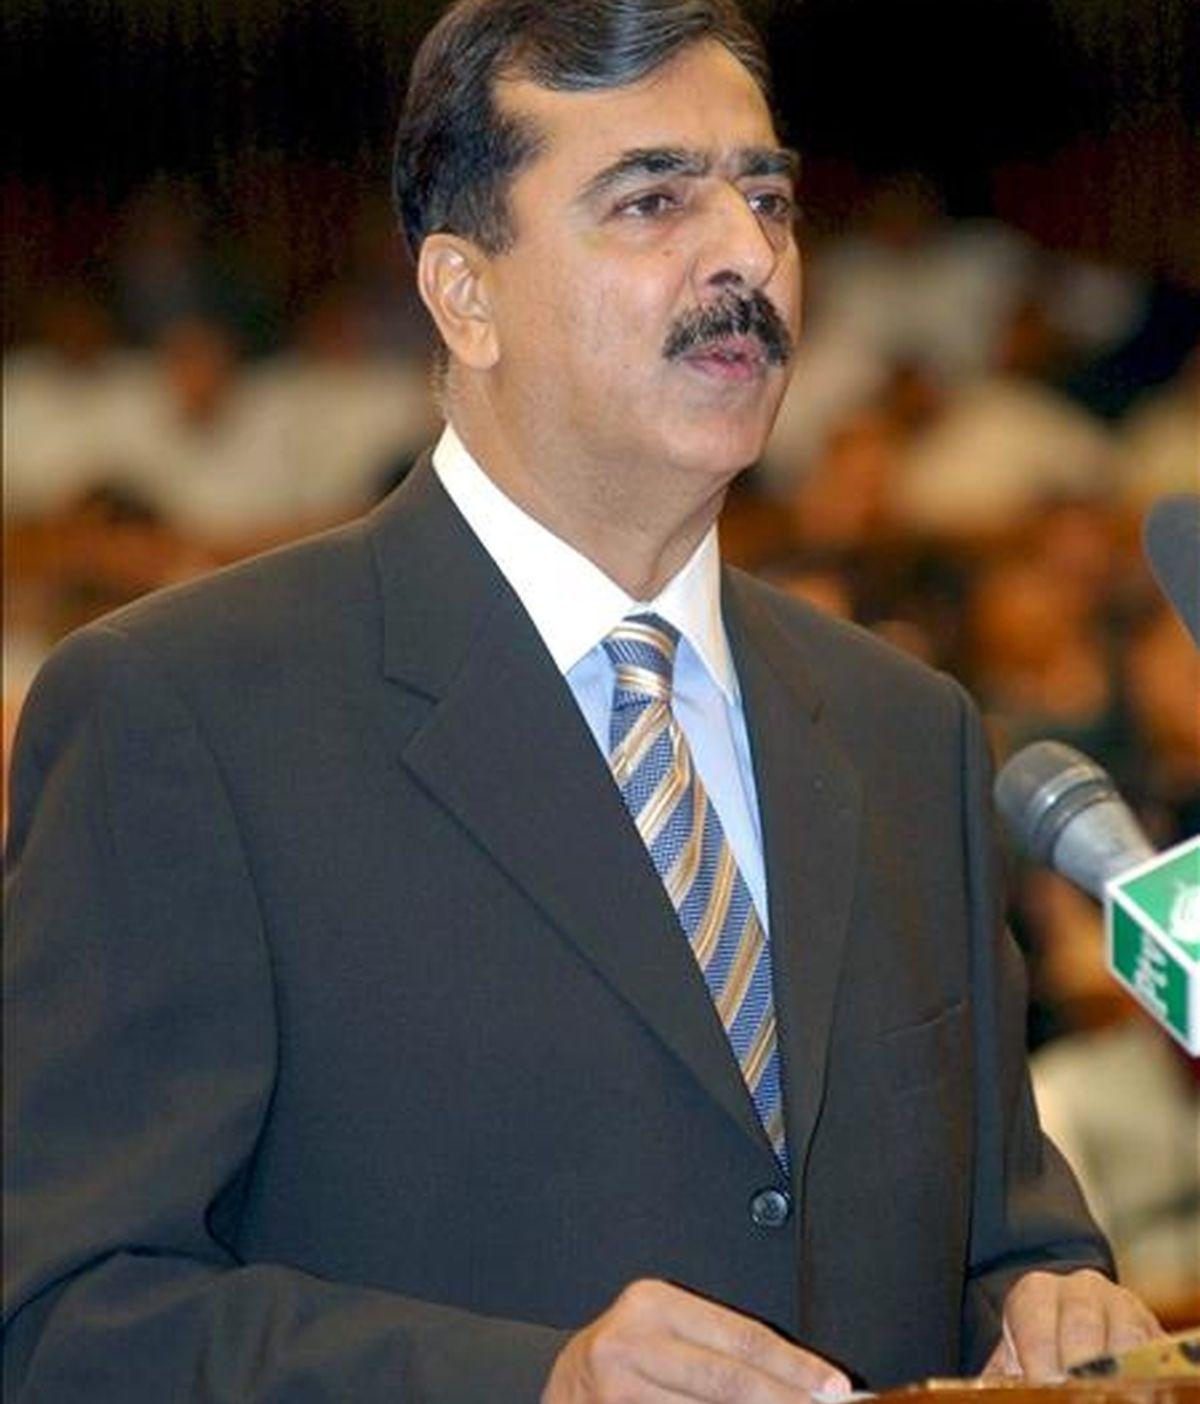 El primer ministro paquistaní, Yusuf Razá Guilani, en la Asamblea Nacional (la cámara baja del Parlamento paquistaní) en Islamabad, Pakistán. EFE/Archivo